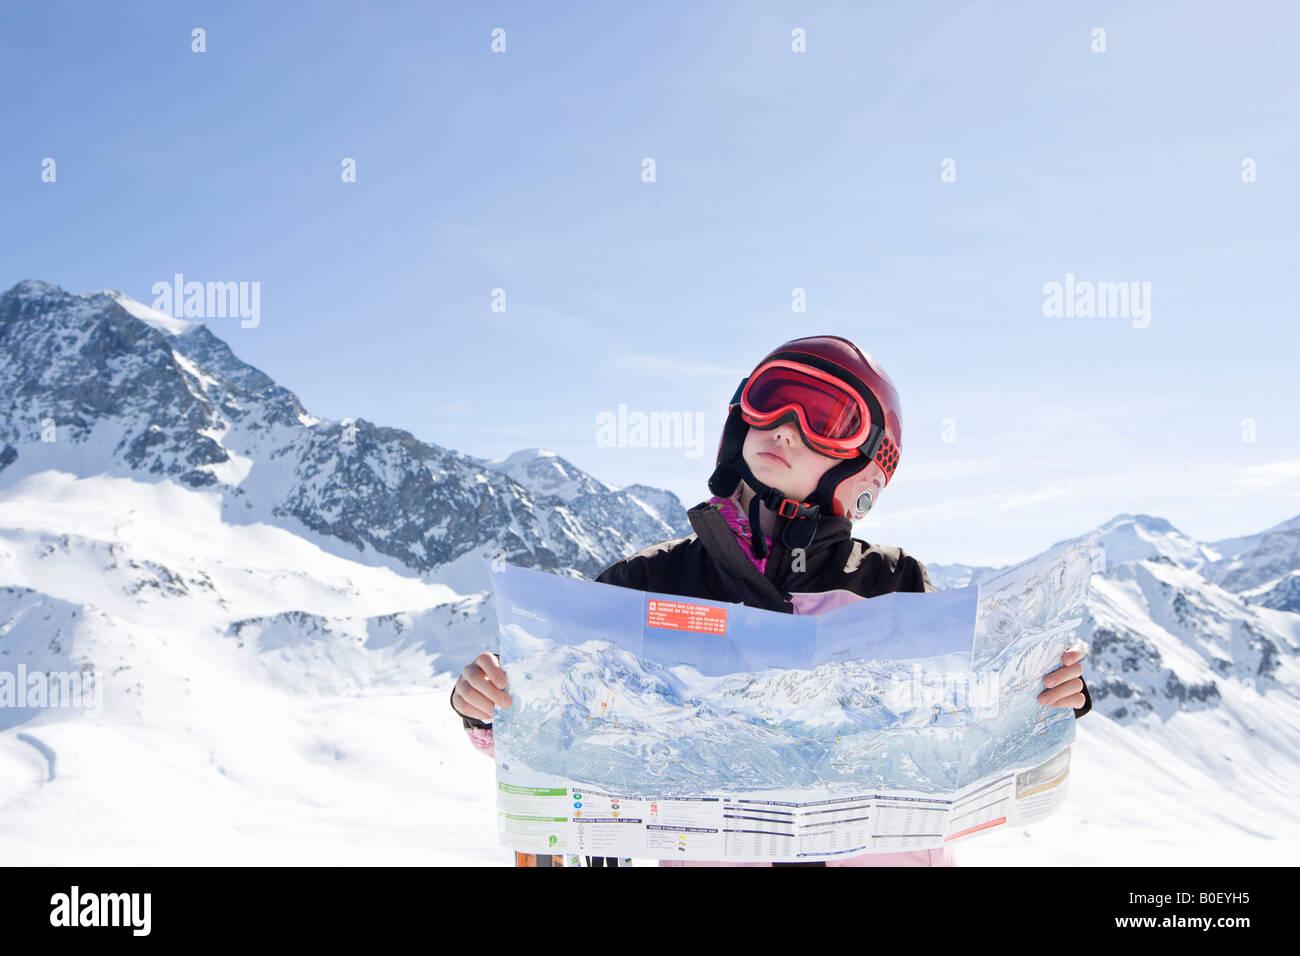 Girl Reading Piste map - Stock Image